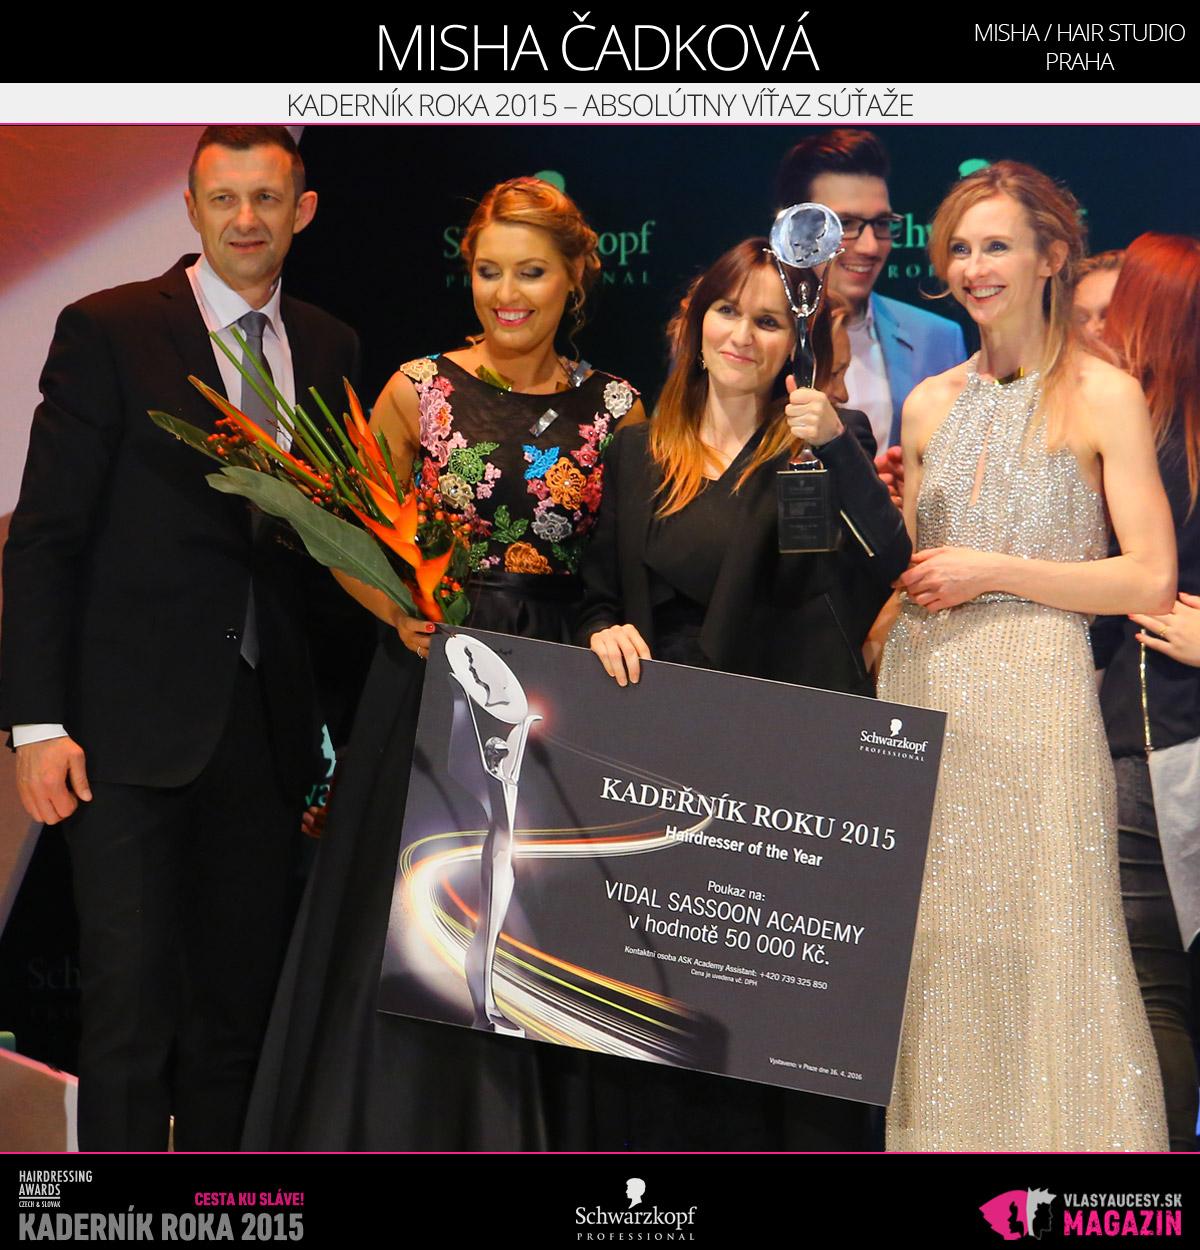 Kaderníkom roka 2015, teda absolútnym víťazom Czech and Slovak Hairdressing Awards 2015, je Misha Čadková z Misha / hair štúdio Praha.